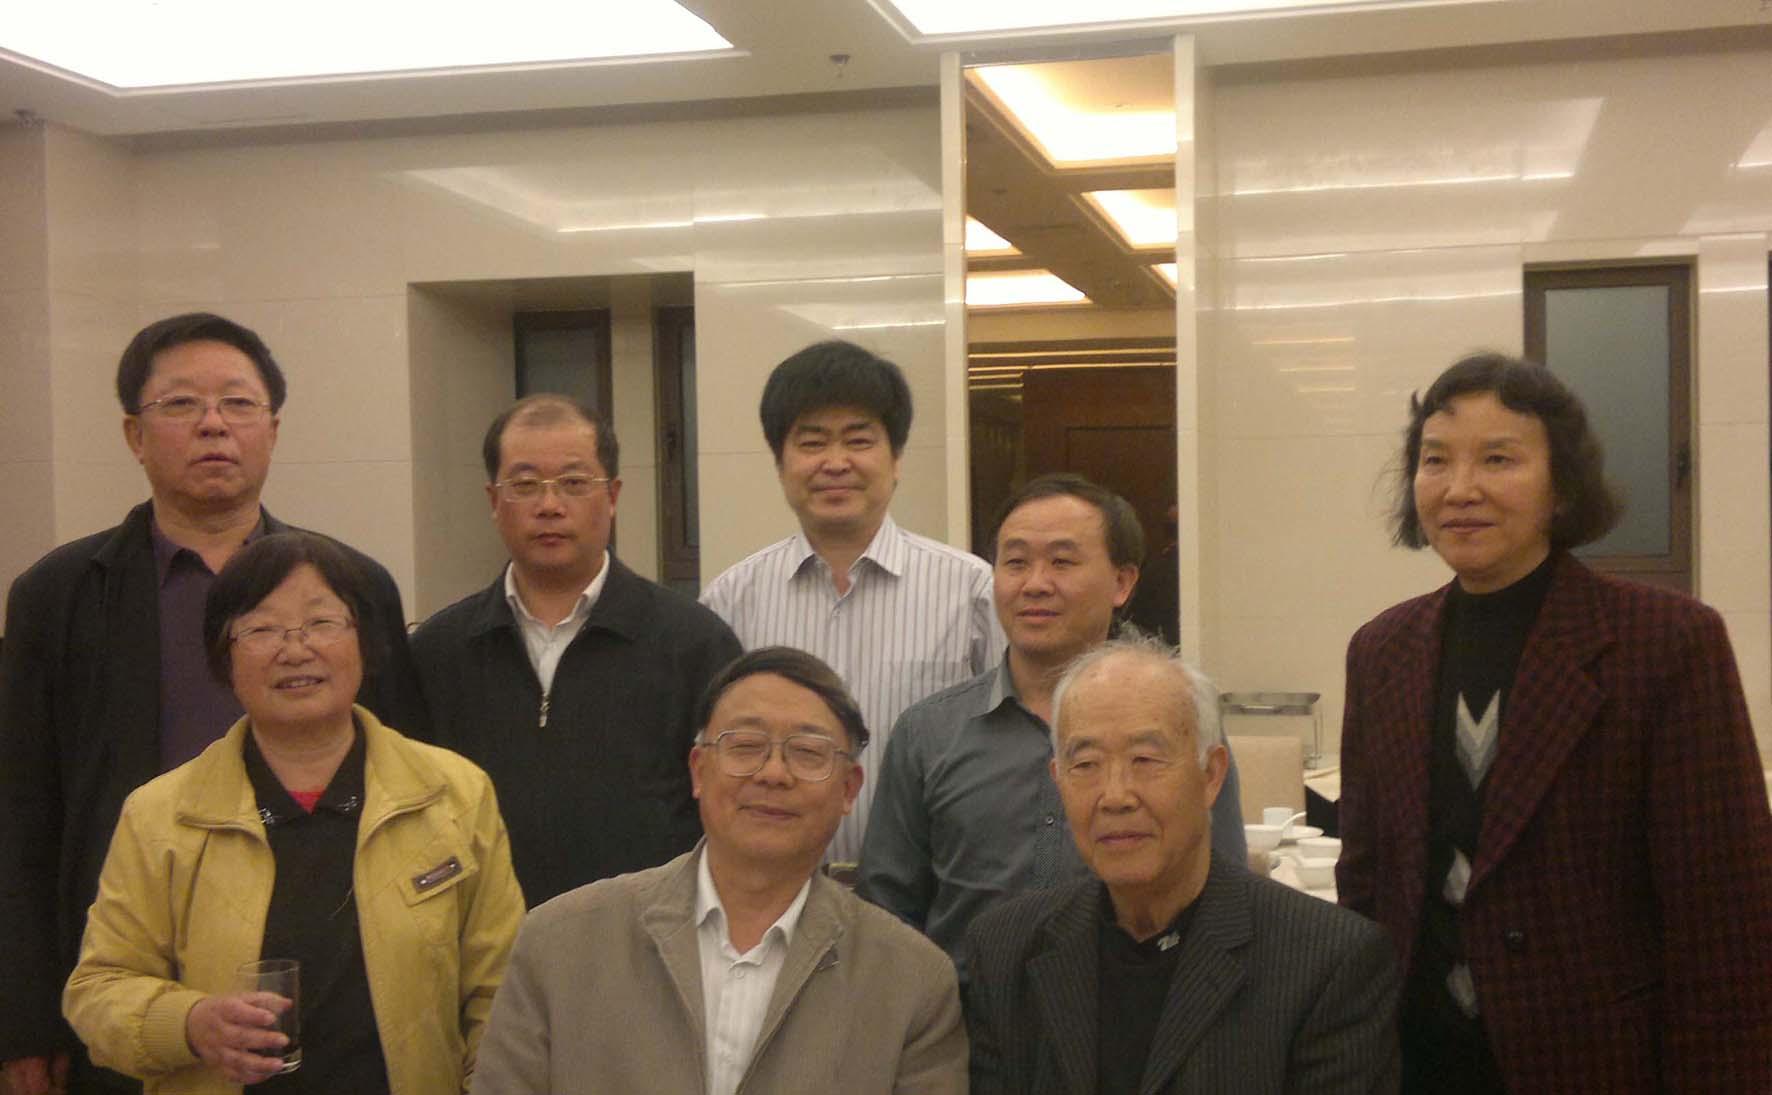 董事长受邀2012中国塑料混炼先进技术和设备应用研讨会.jpg